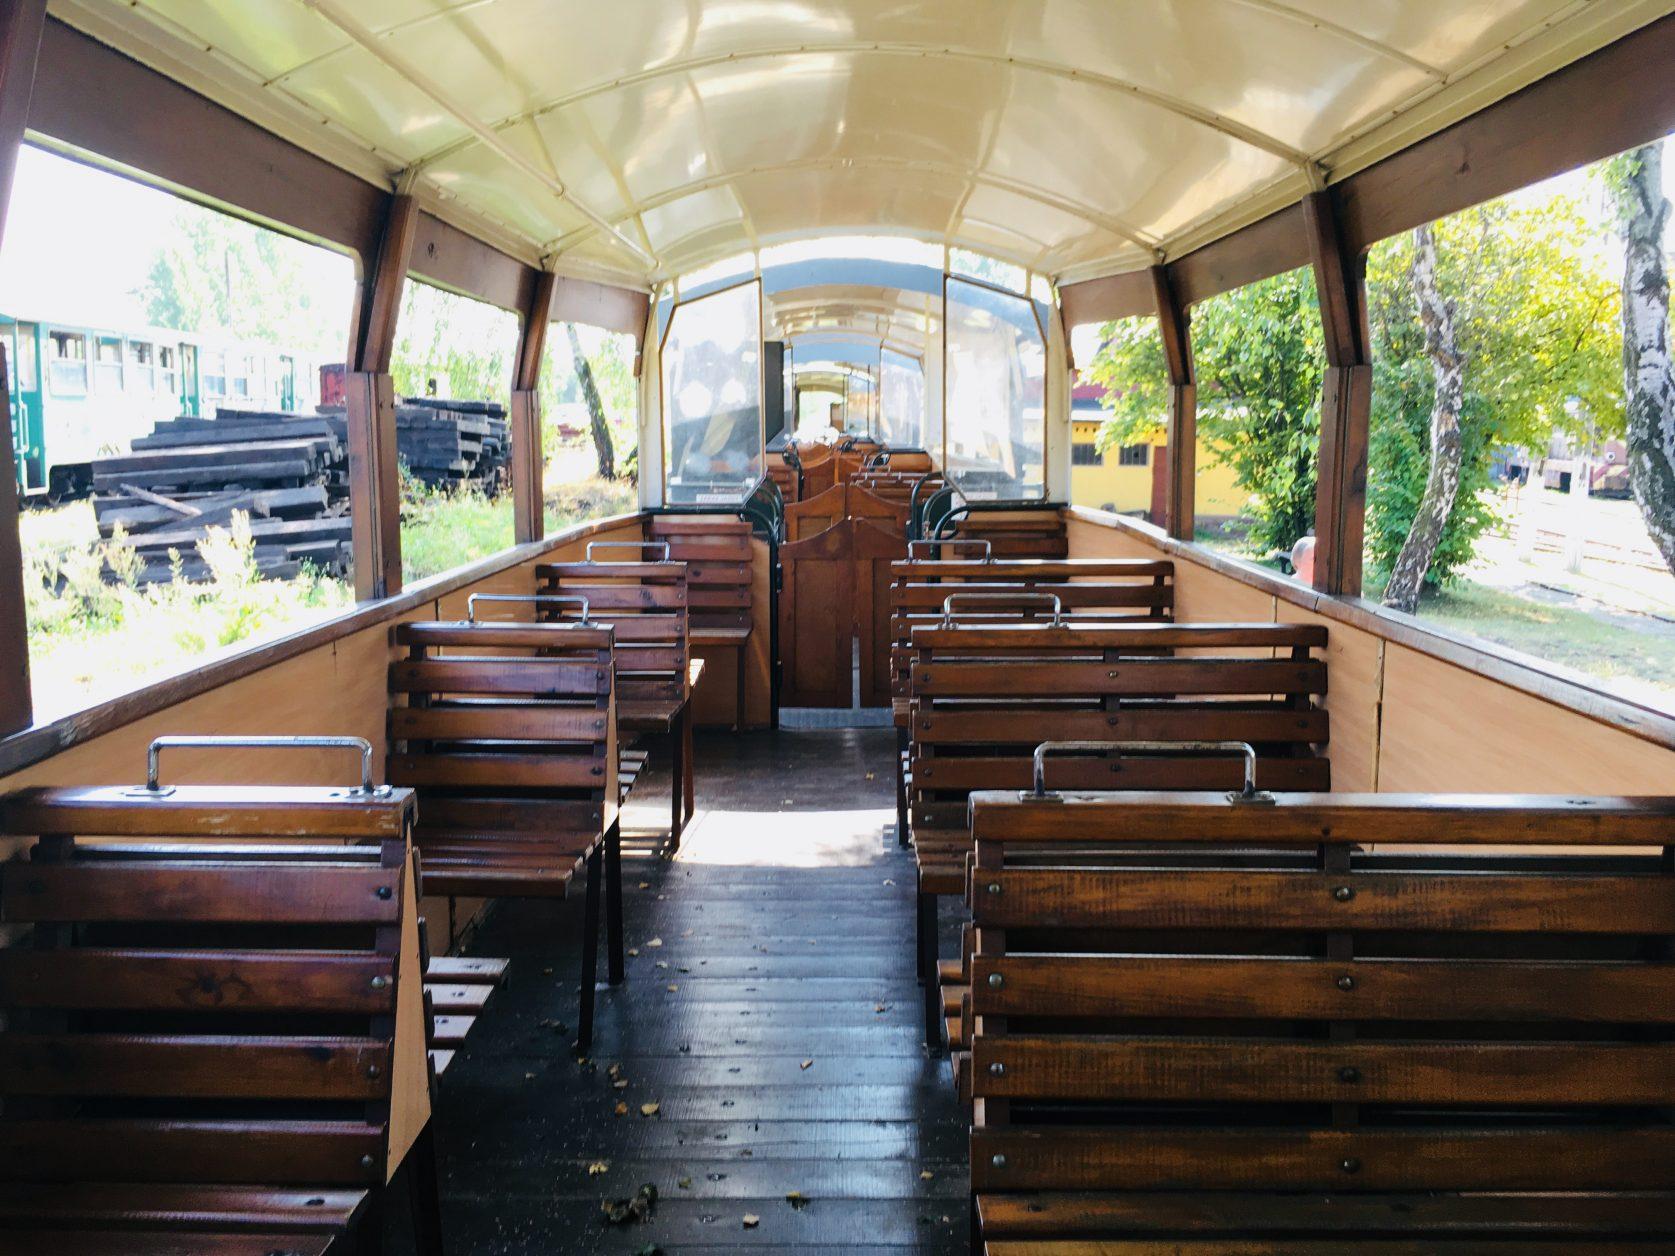 Für Ausflugsfahrten wird der ausgebaute Waggon genutzt